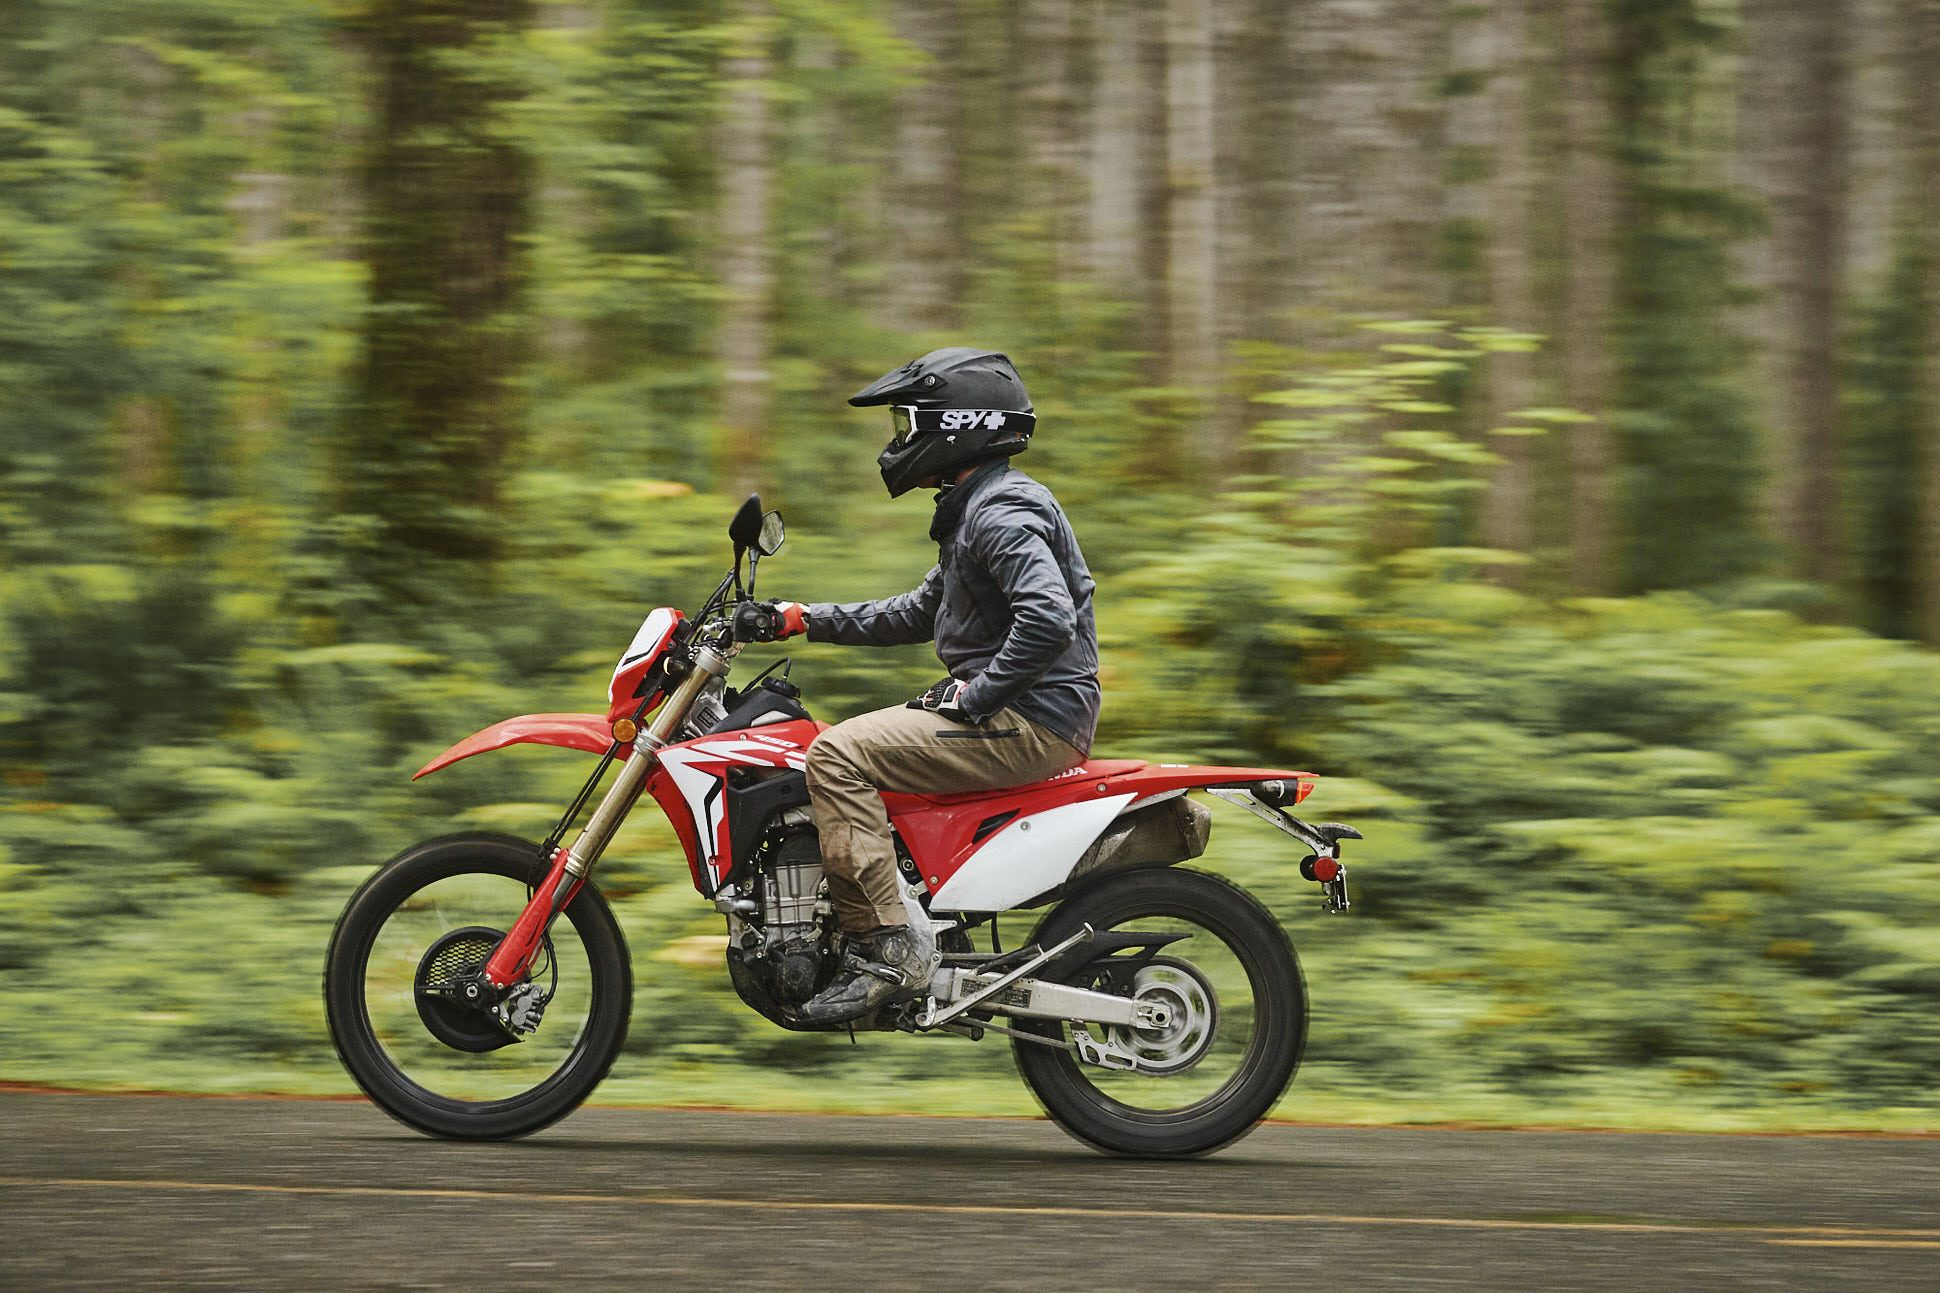 Honda-CRF-450L-Gear-Patrol-Slide-12